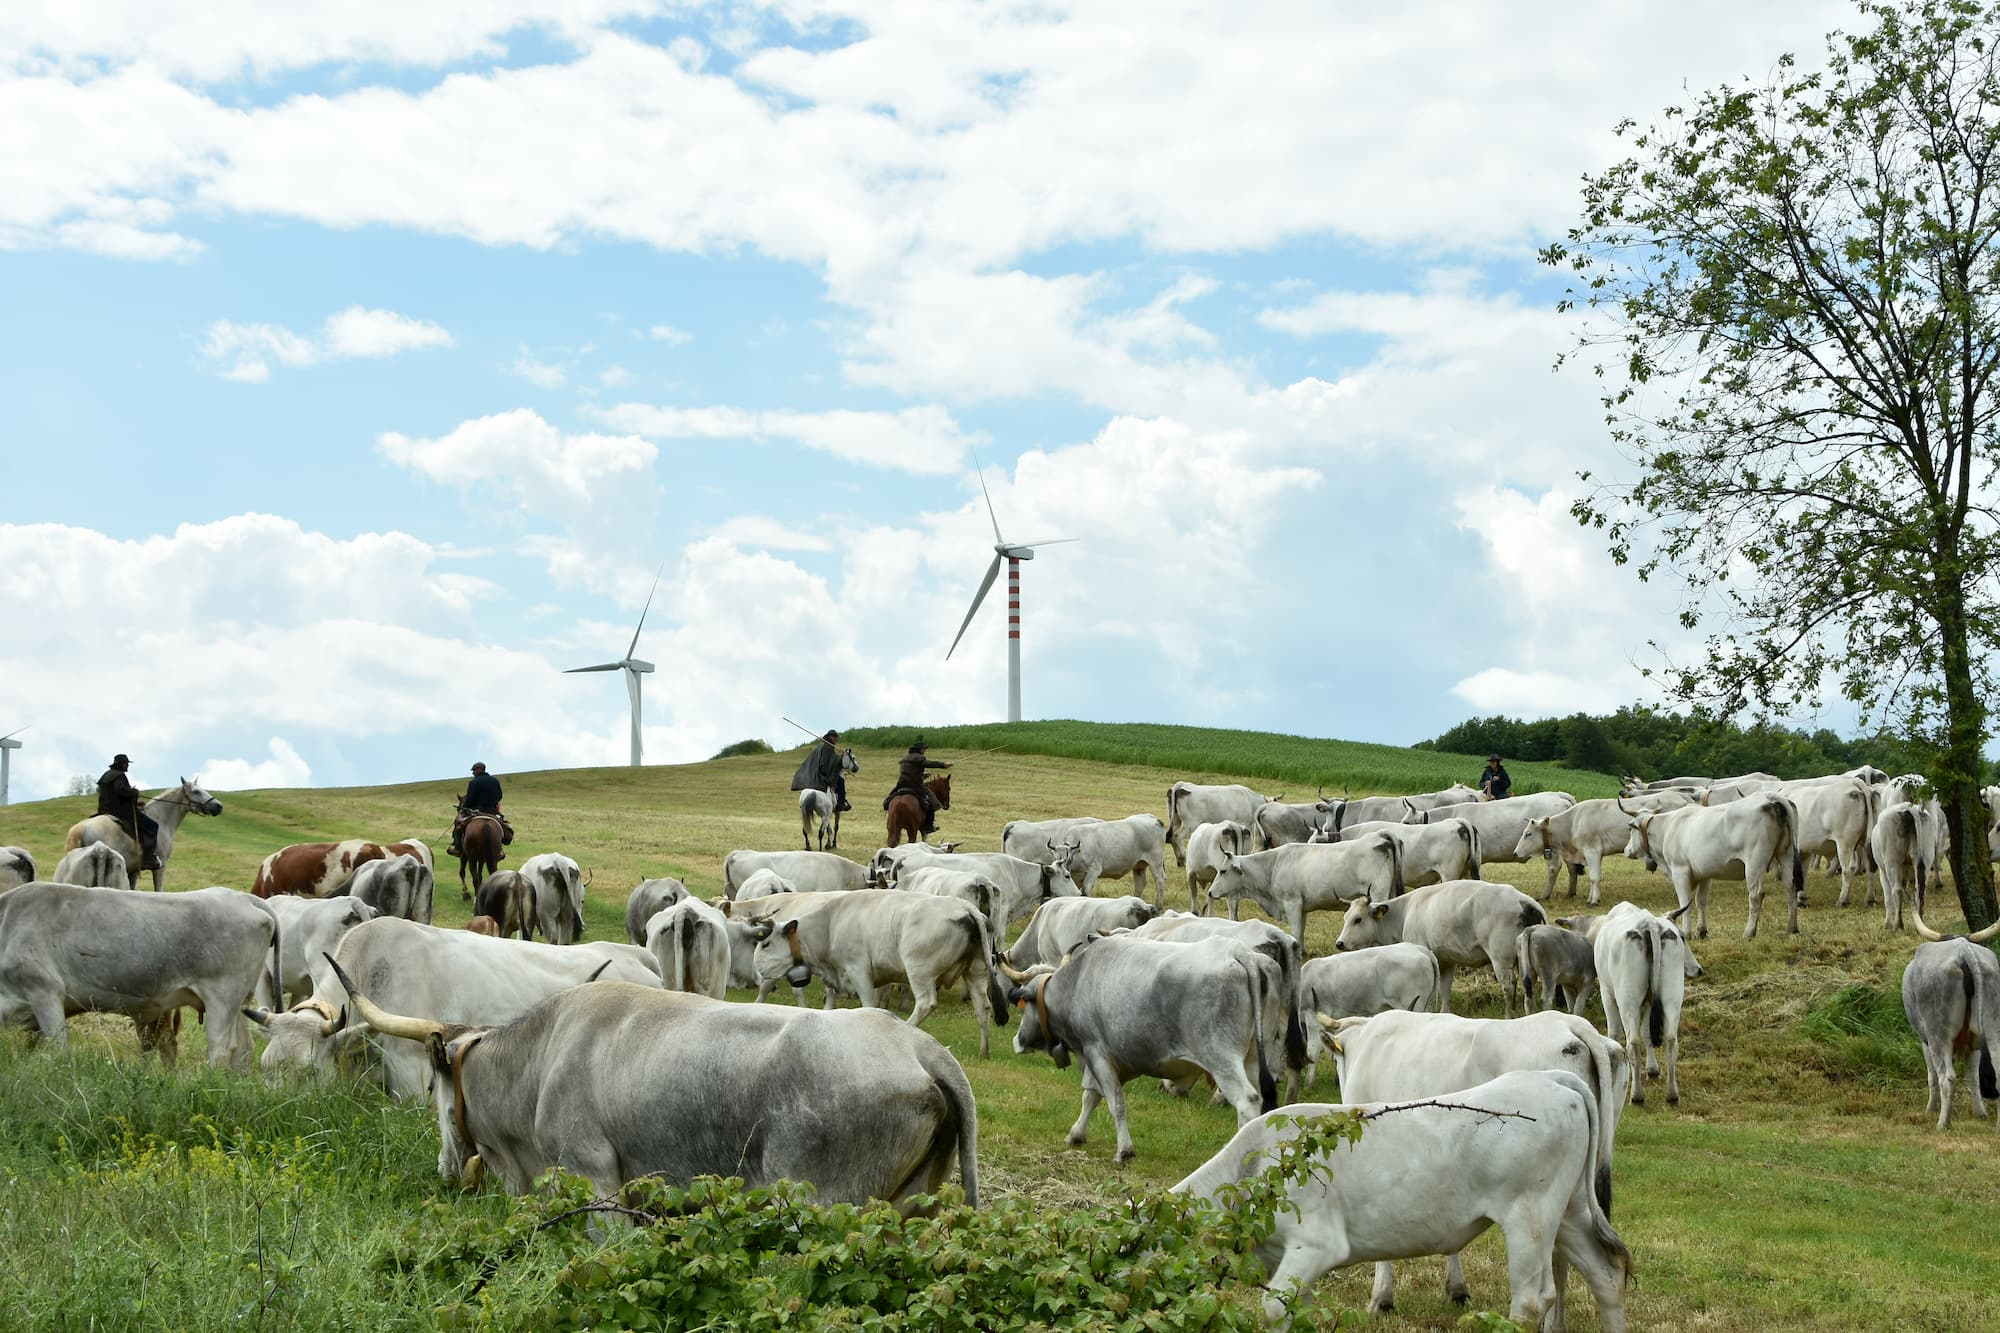 すでに消滅しつつある「移牧」を継続し、地域の価値の向上につなげようとするグループ